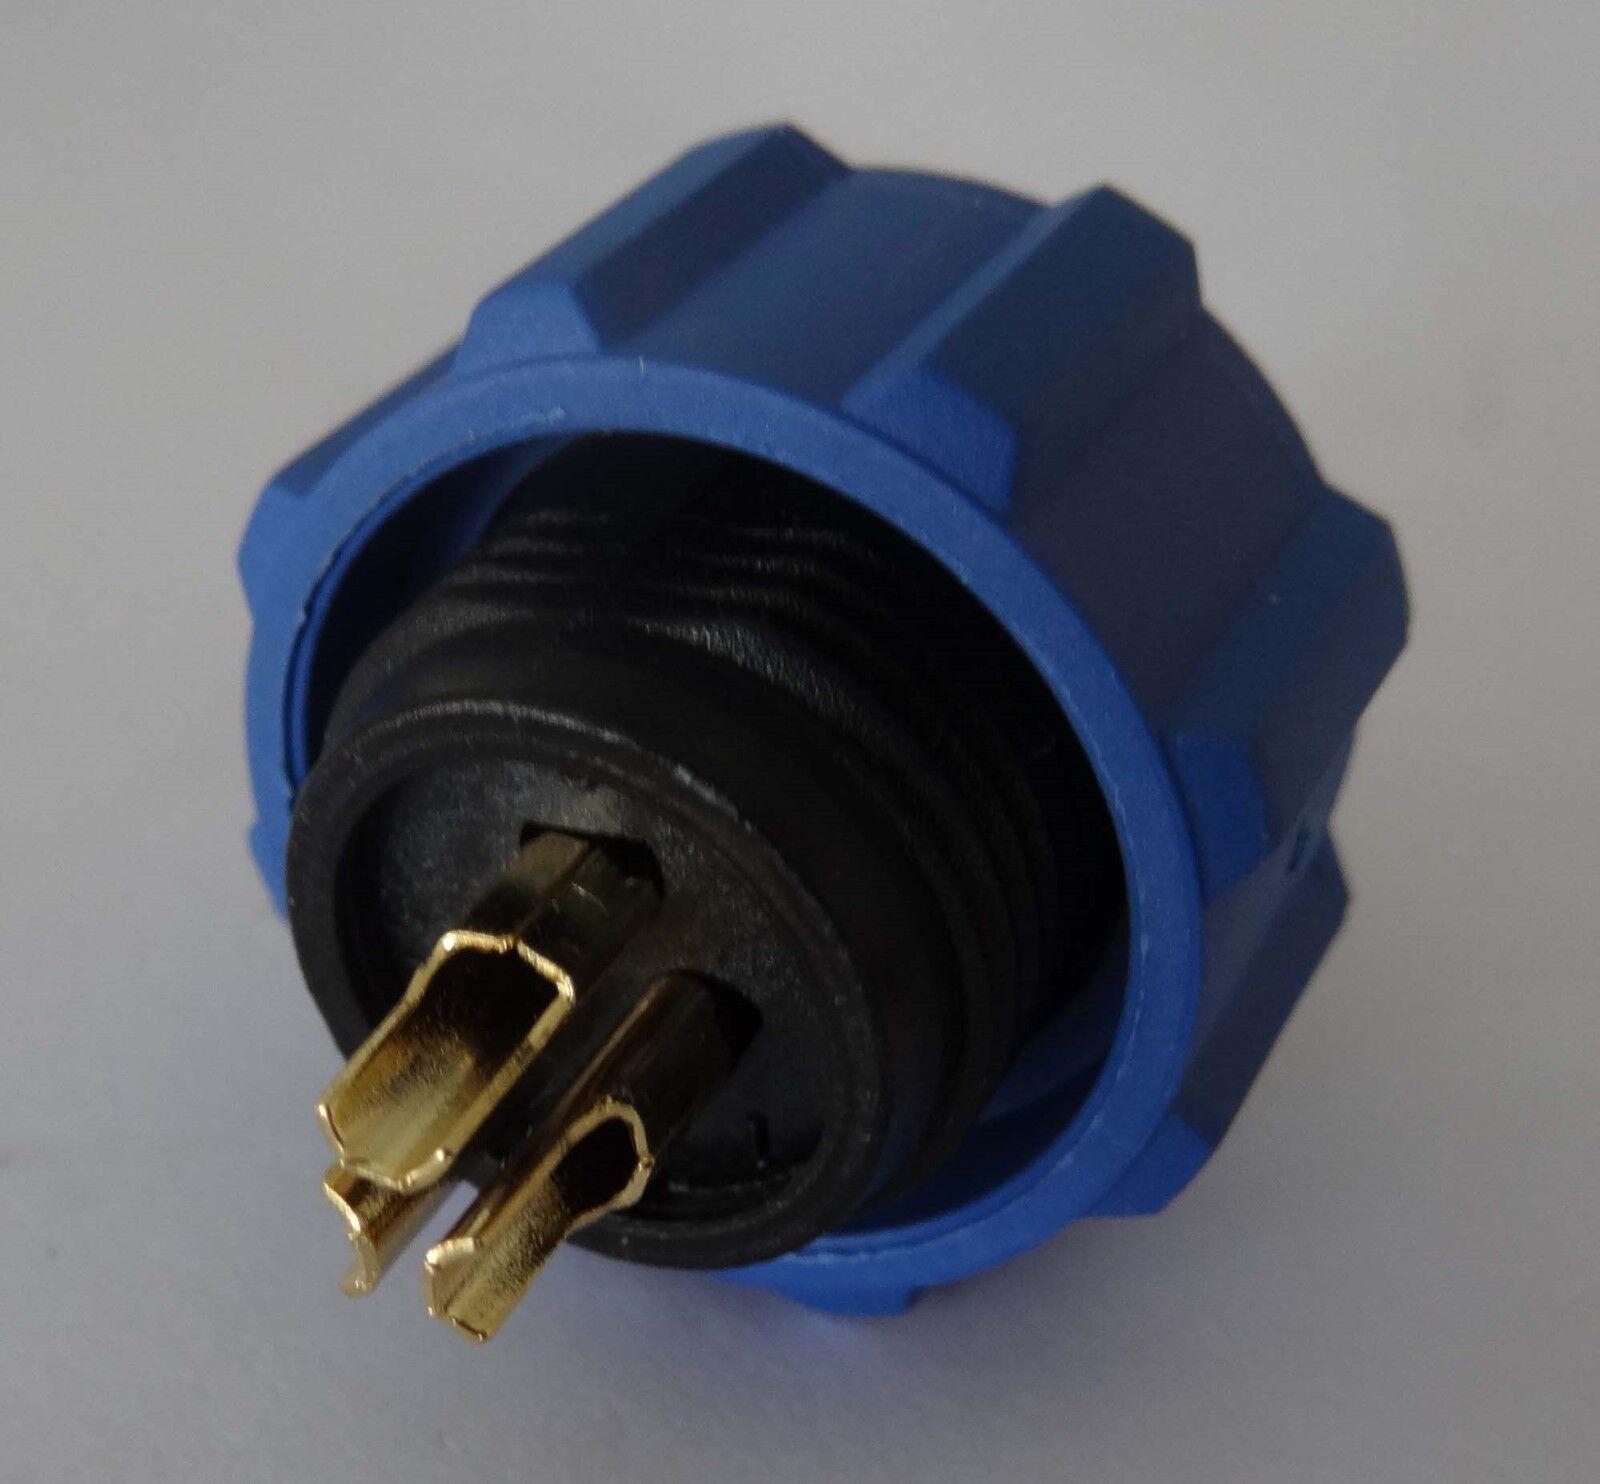 230V 12V IP68 Rundstecker, Buchse, Verbinder Stecker mit Deckel wasserdicht